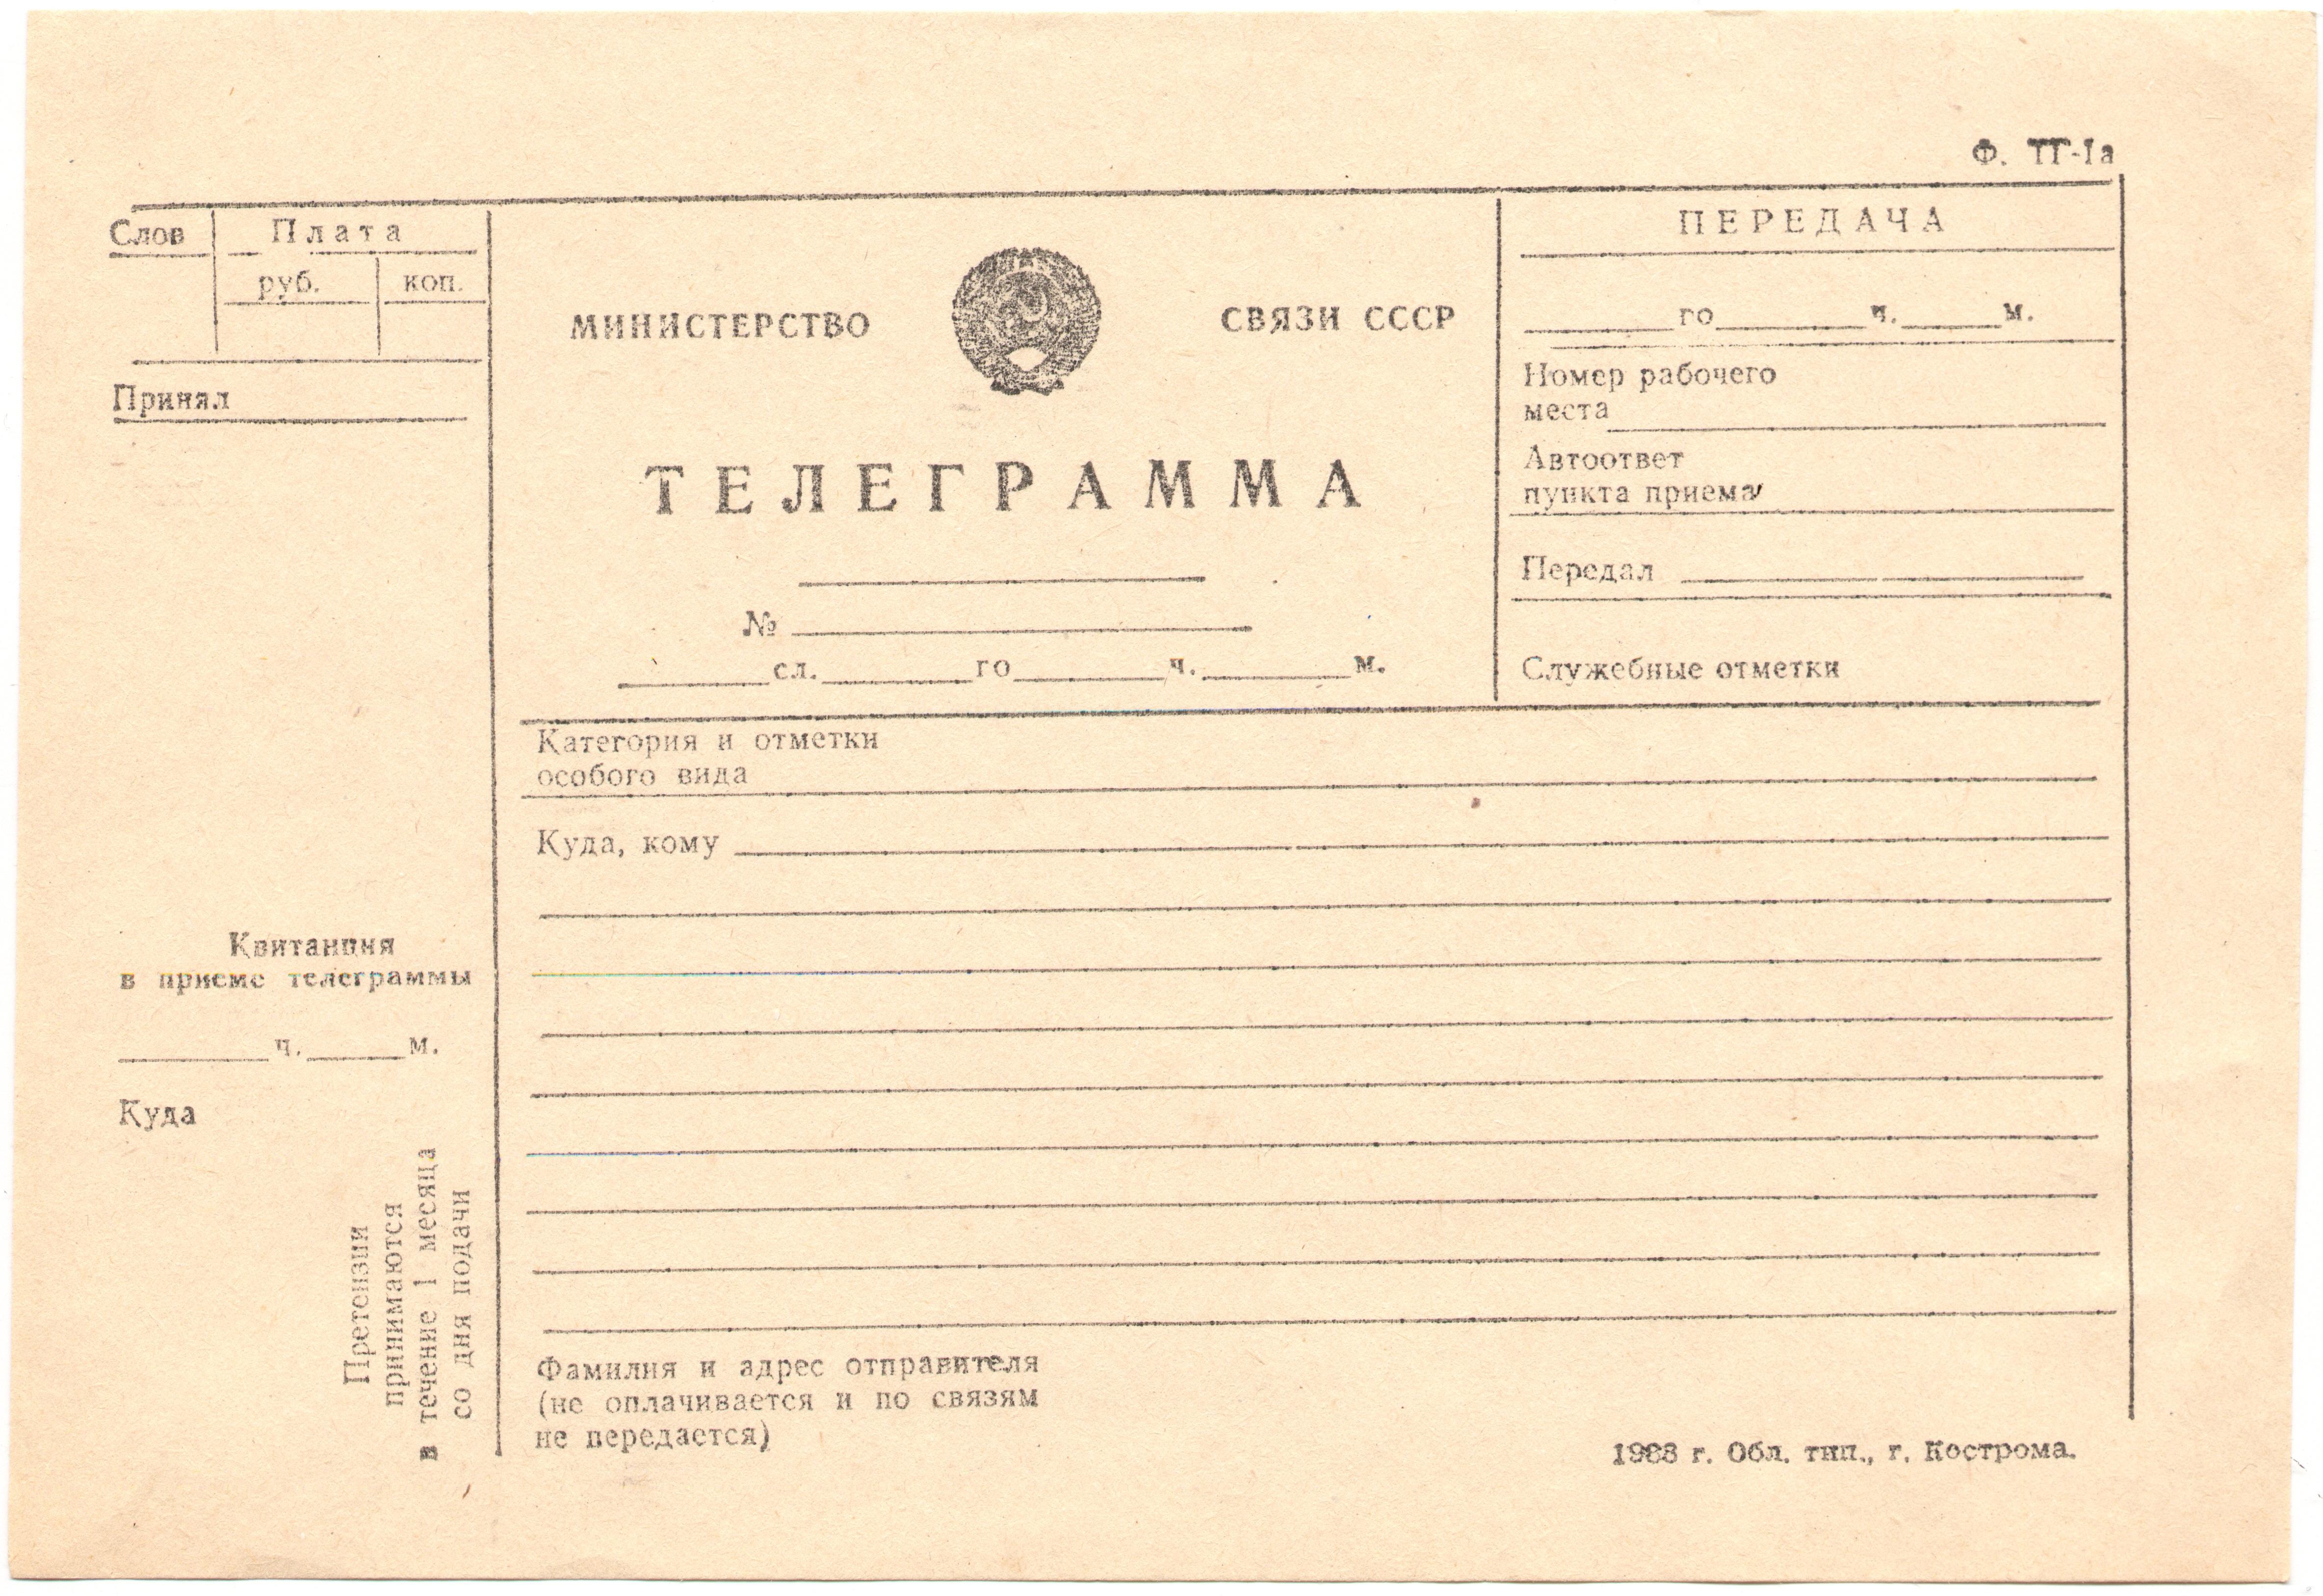 Бланк телеграммы почта россии скачать в word